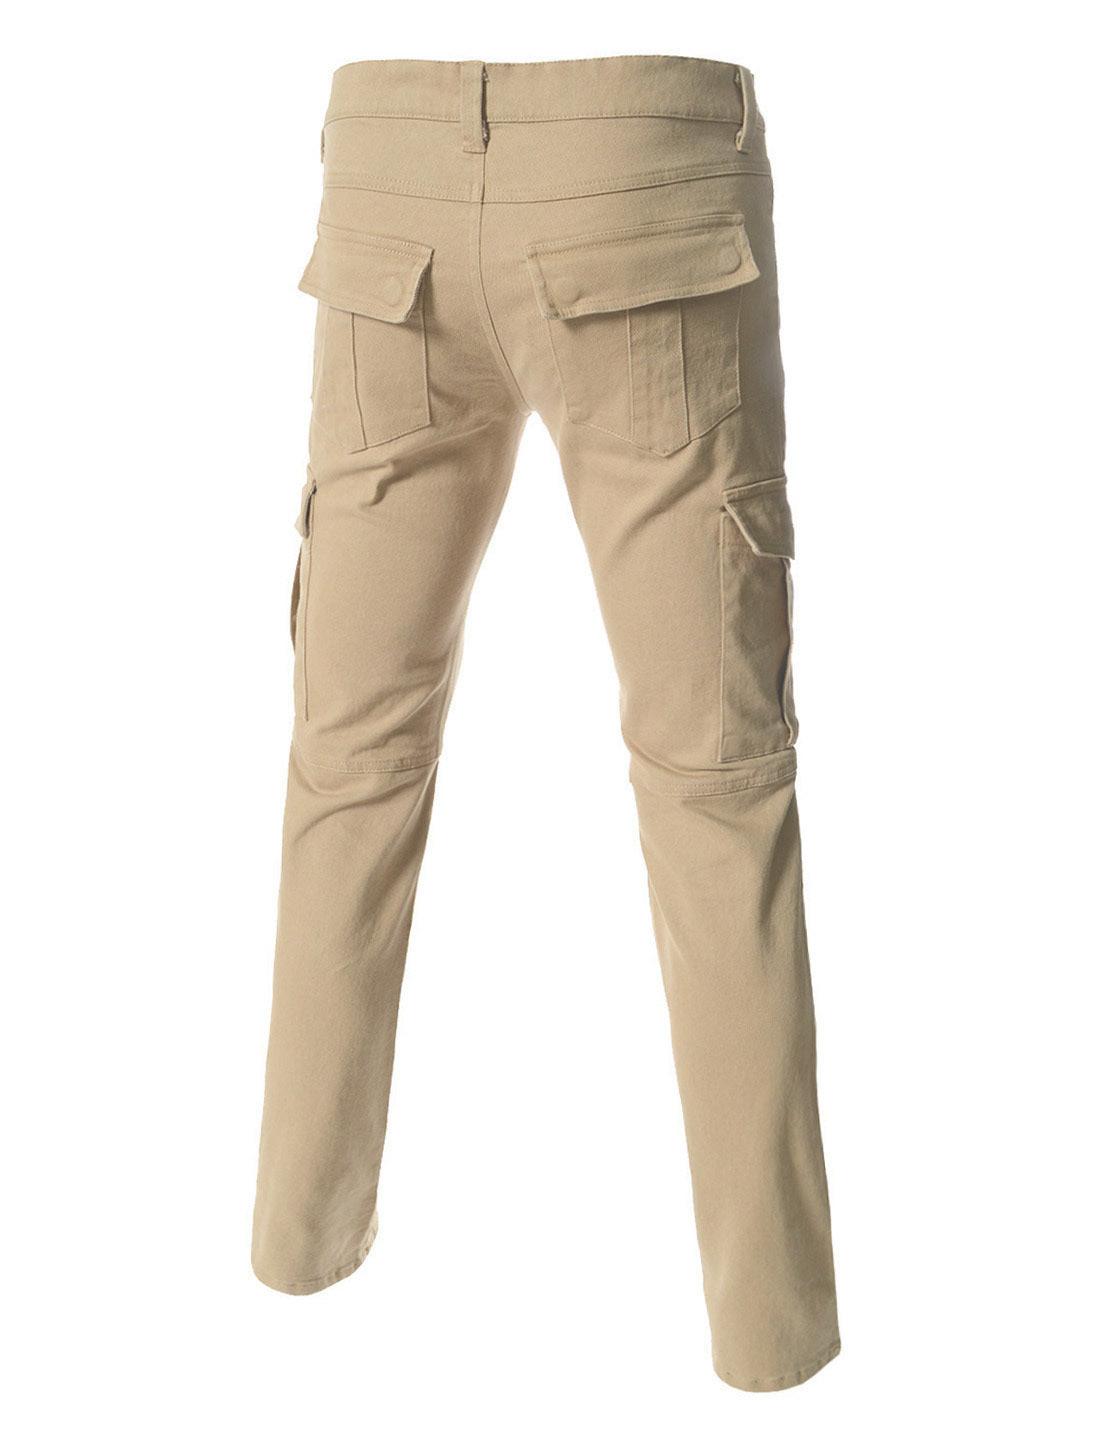 Мужские джинсы с накладными карманами